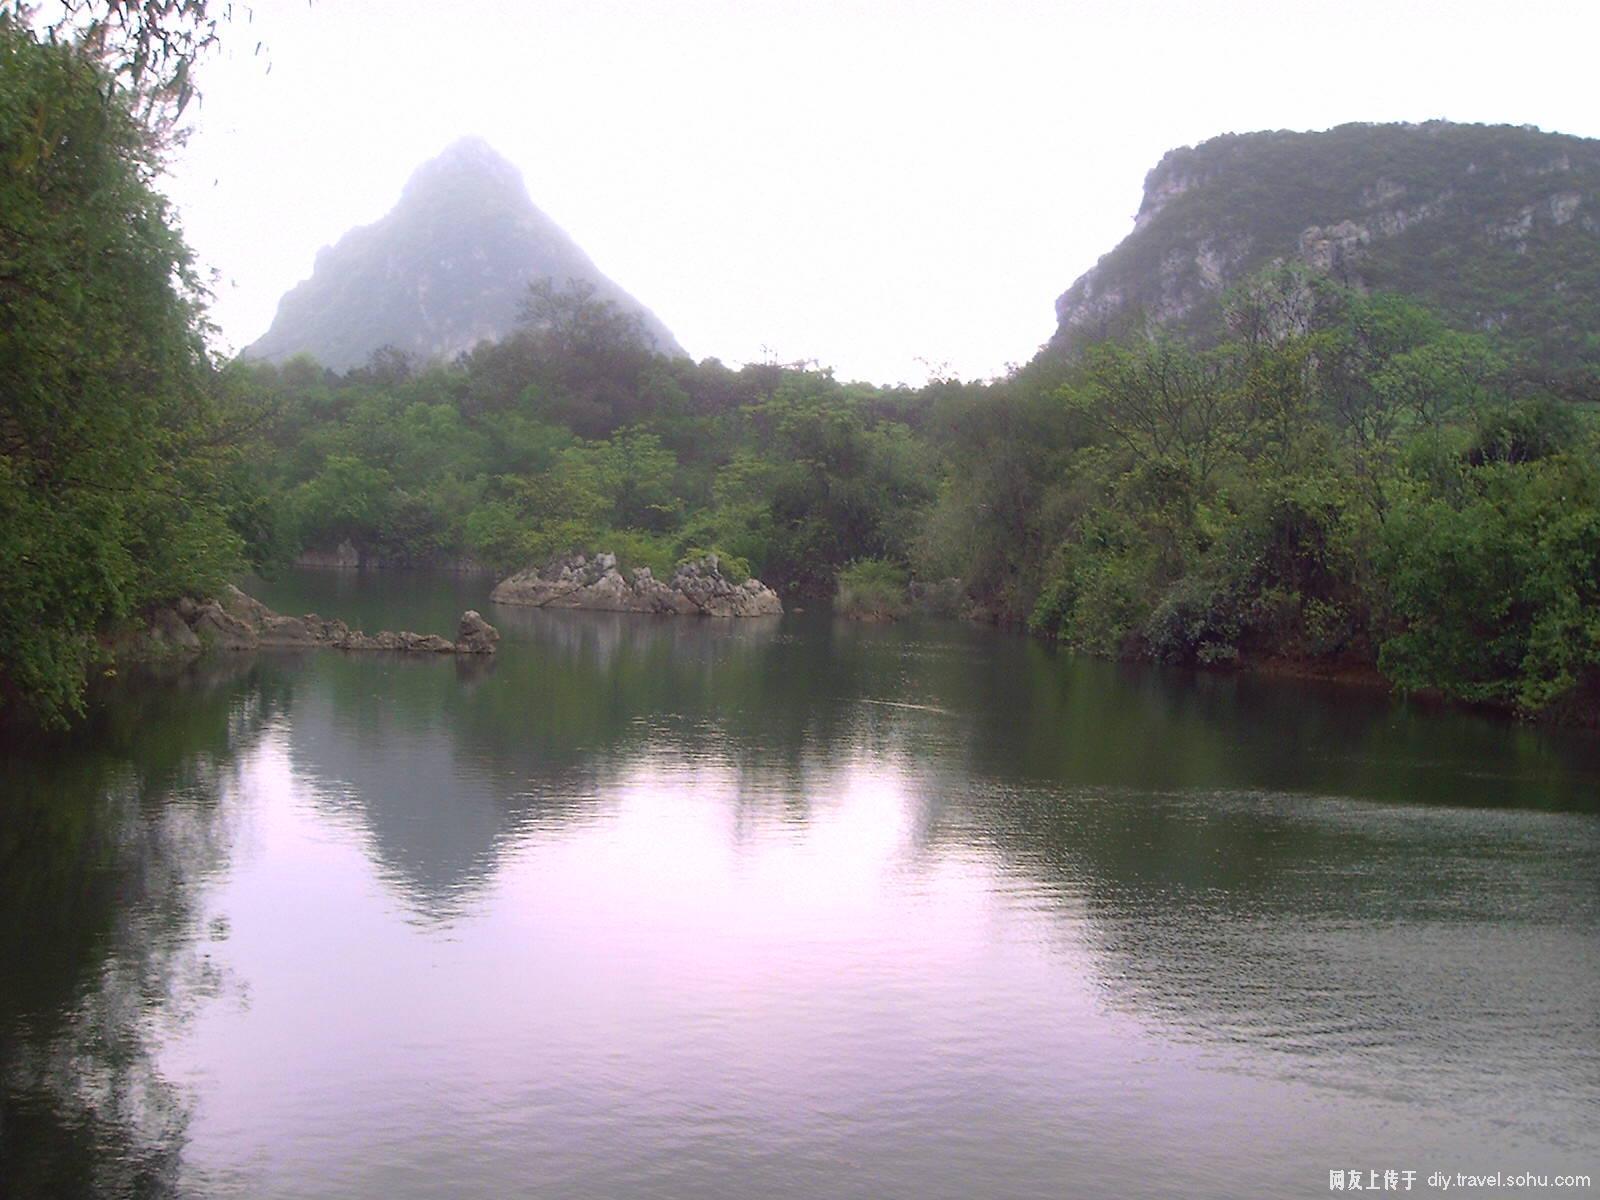 壁纸 风景 山水 桌面 1600_1200